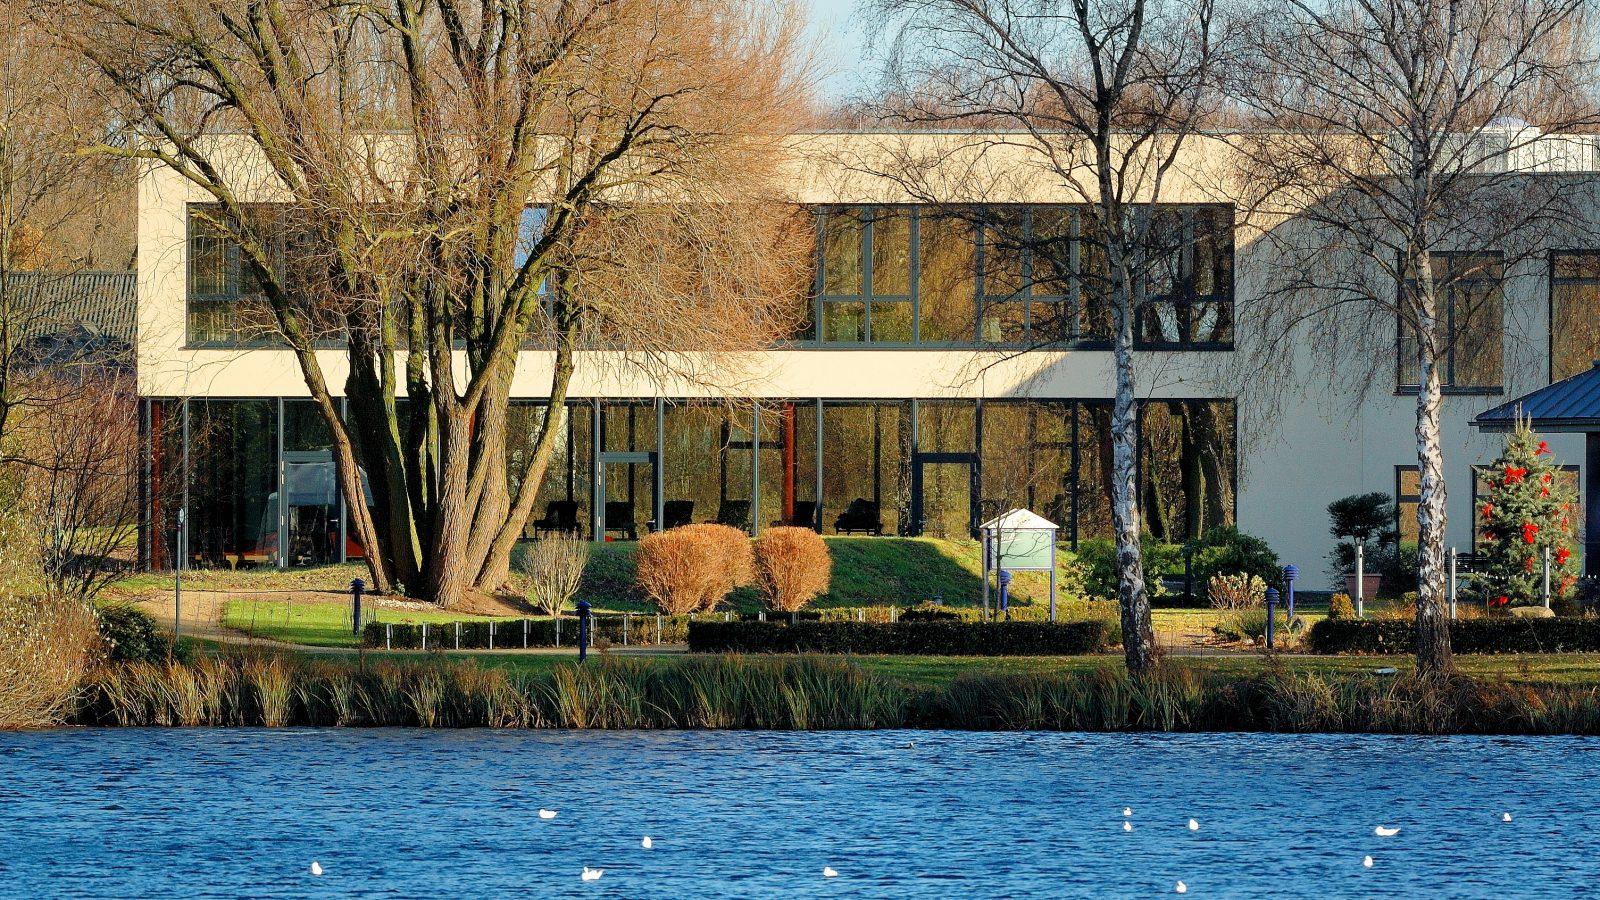 Hotel See Park Janssen 2001 Bis Heute Architekturburo Hanssen